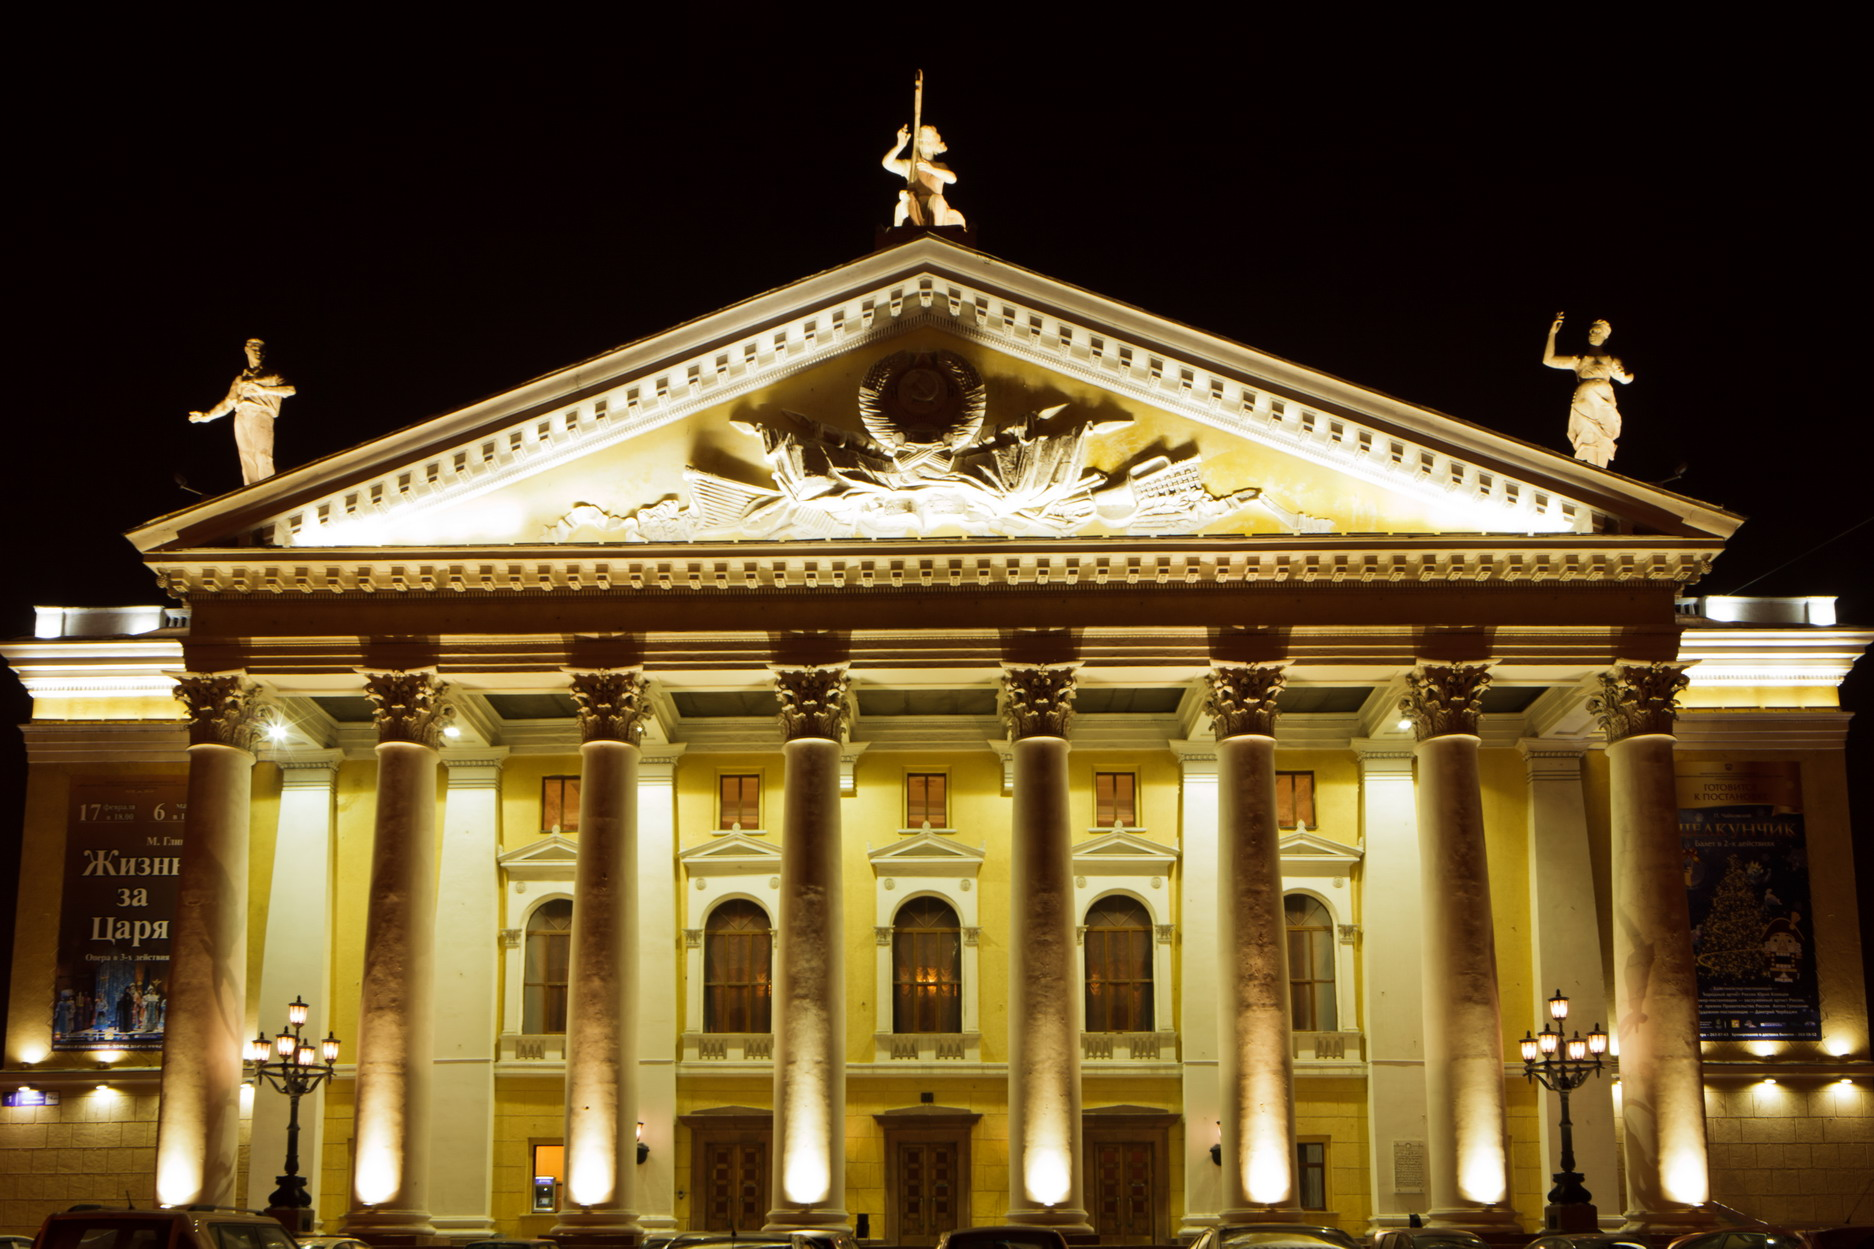 В 11 часов 30 минут начнется спектакль «Белоснежка и семь гномов» (Театр оперы и балета имени Гли